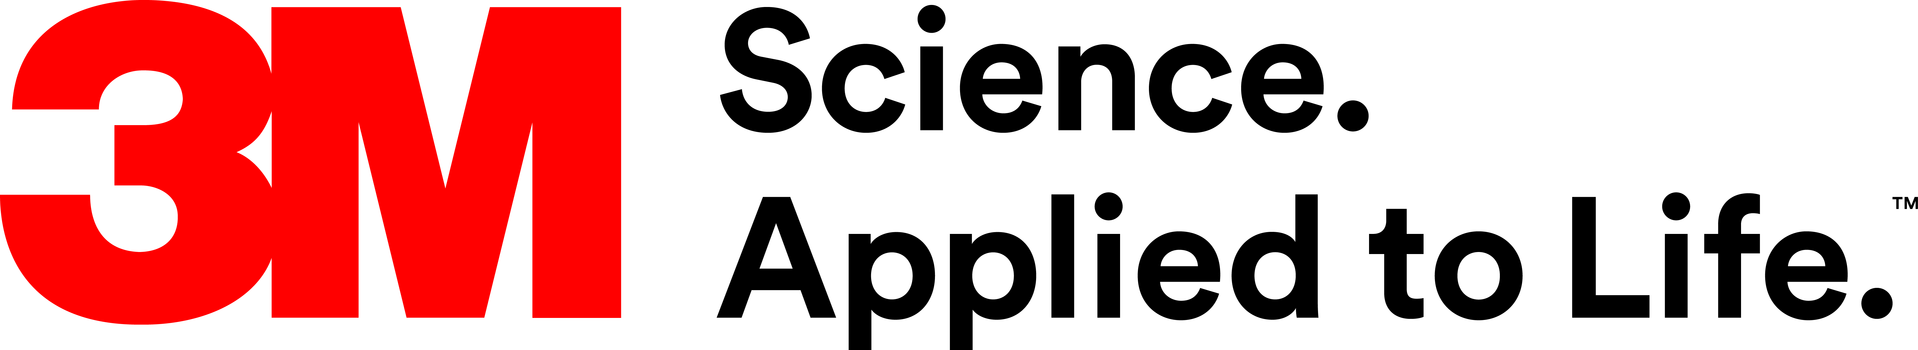 3m logo.png